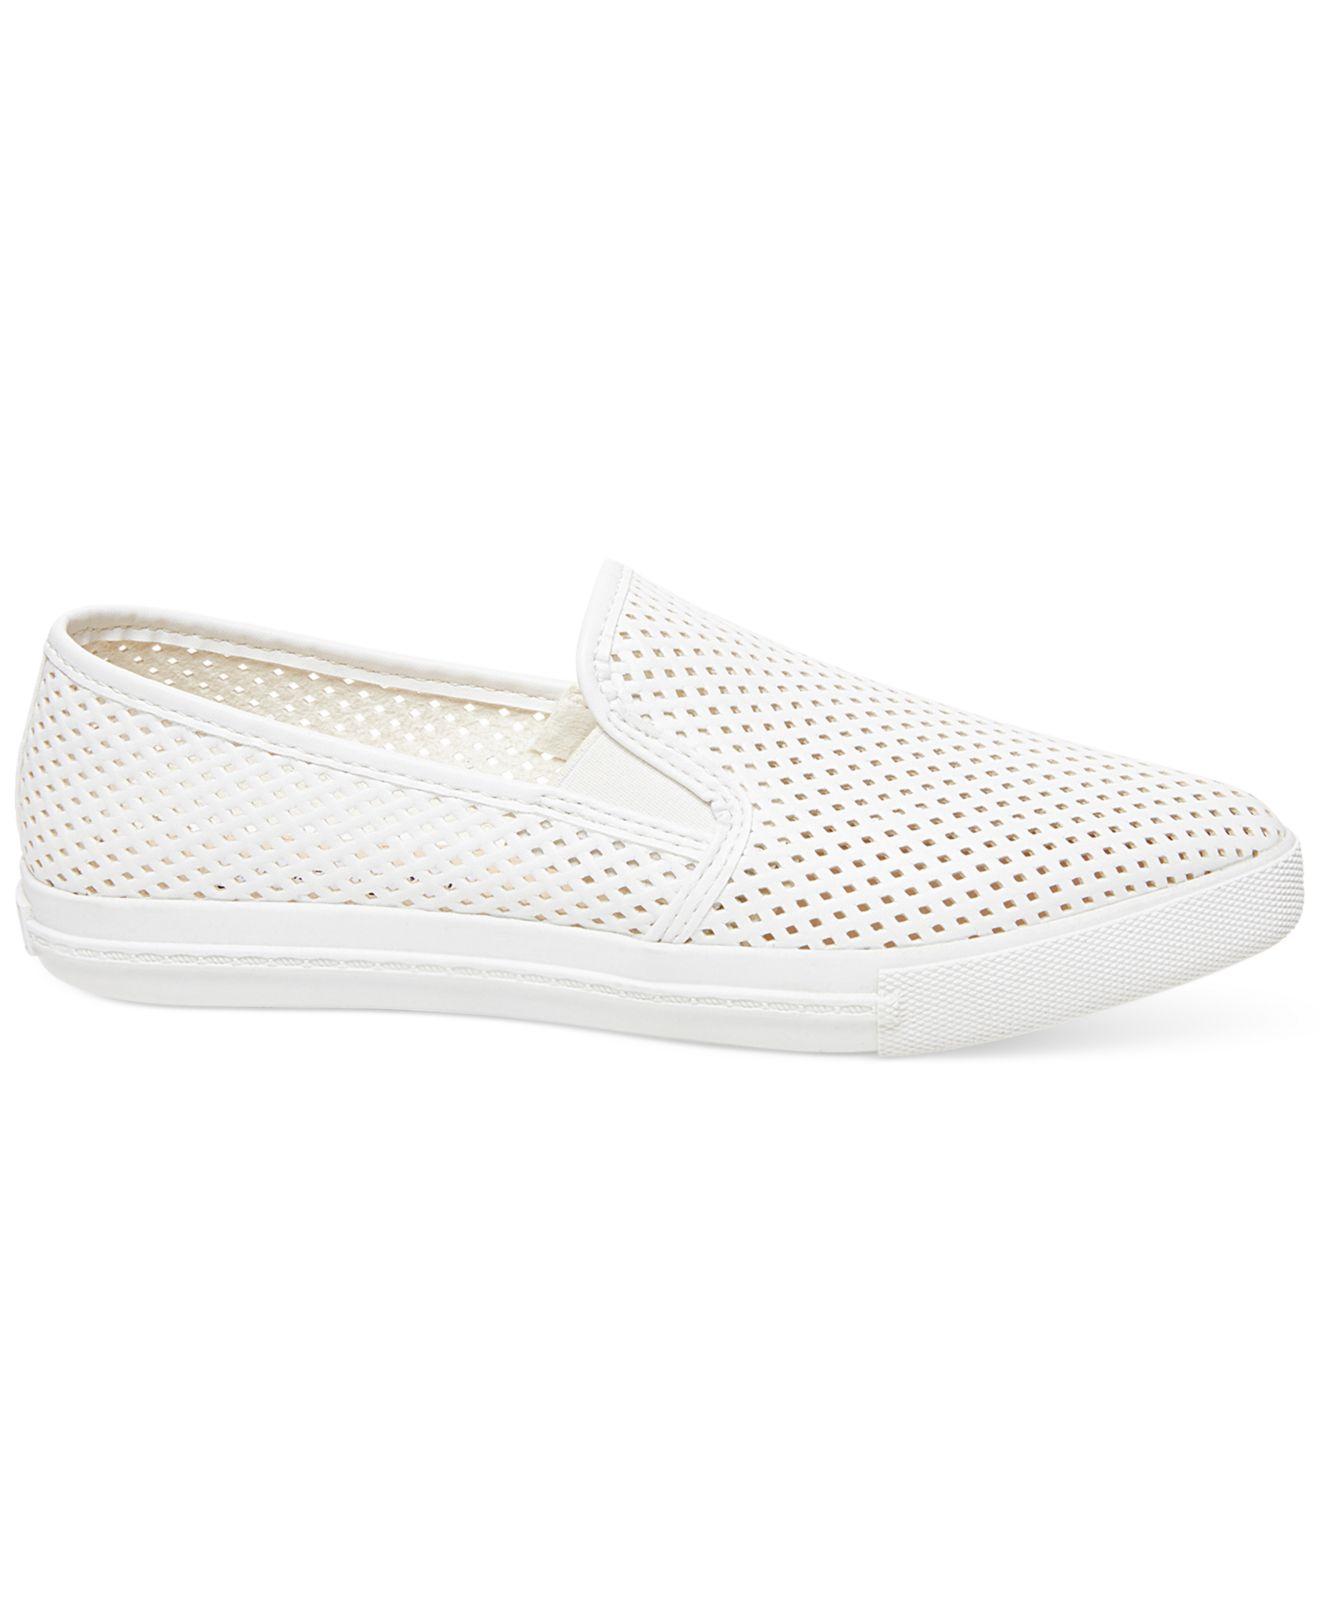 Lyst Steve Madden Women S Virggo Slip On Sneakers In White